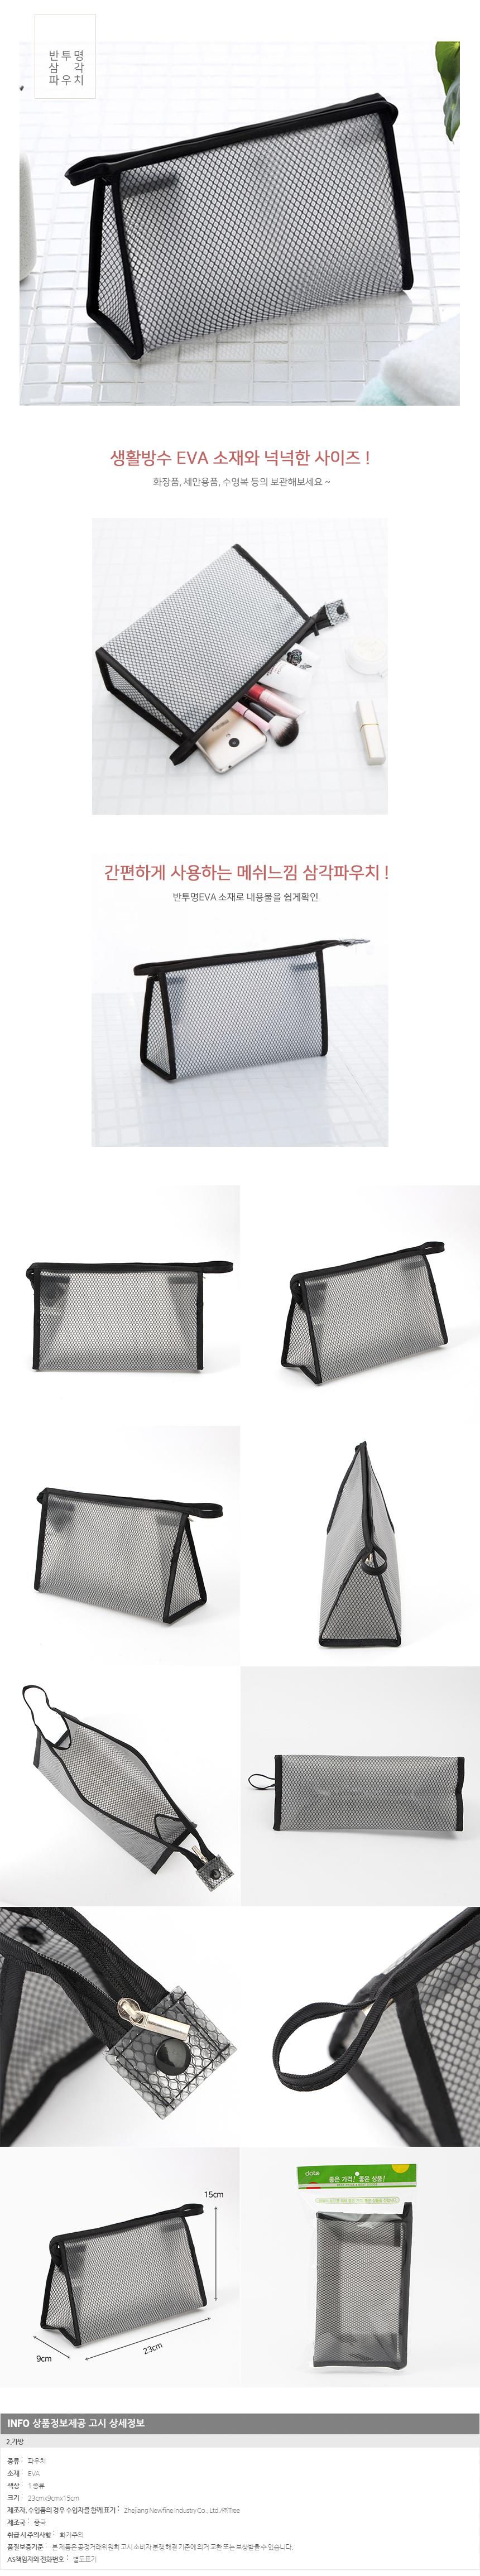 시스루 메쉬패턴 삼각파우치 / 방수 세면파우치 - 기프트갓, 5,400원, 정리함, 화장품정리함